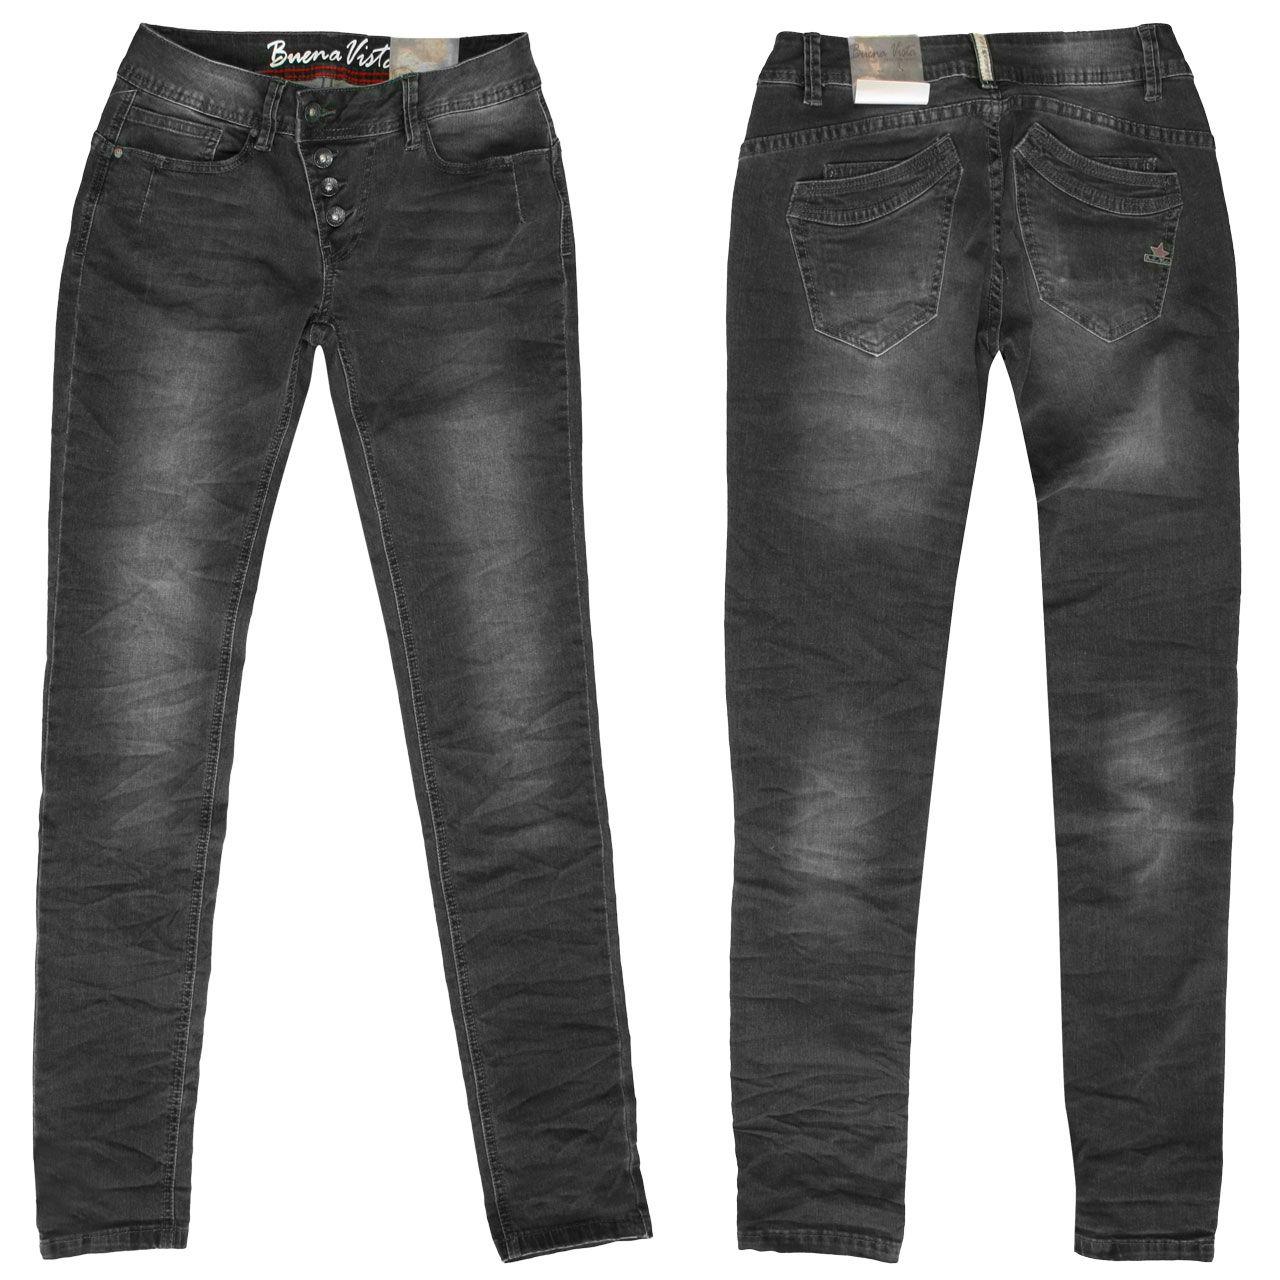 Buena vista jeans schwarz